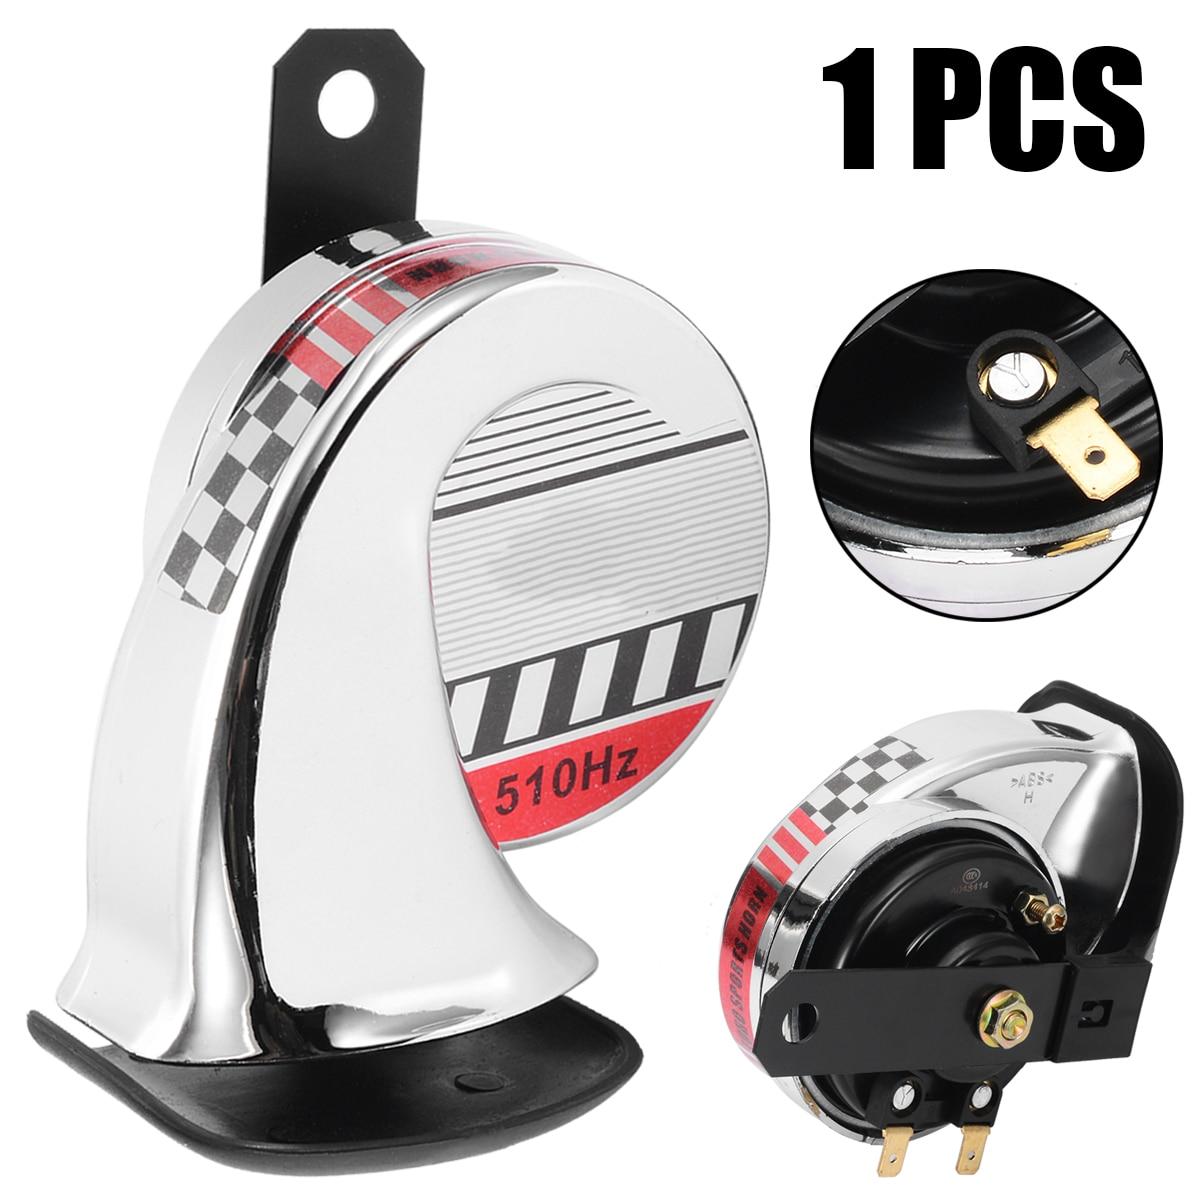 Mayitr Motorrad Schnecke Horn Leistungsstarke 12 v 40 watt Chrom Sound Sport Horn Universal für Motorrad Schnecke Typ Horn